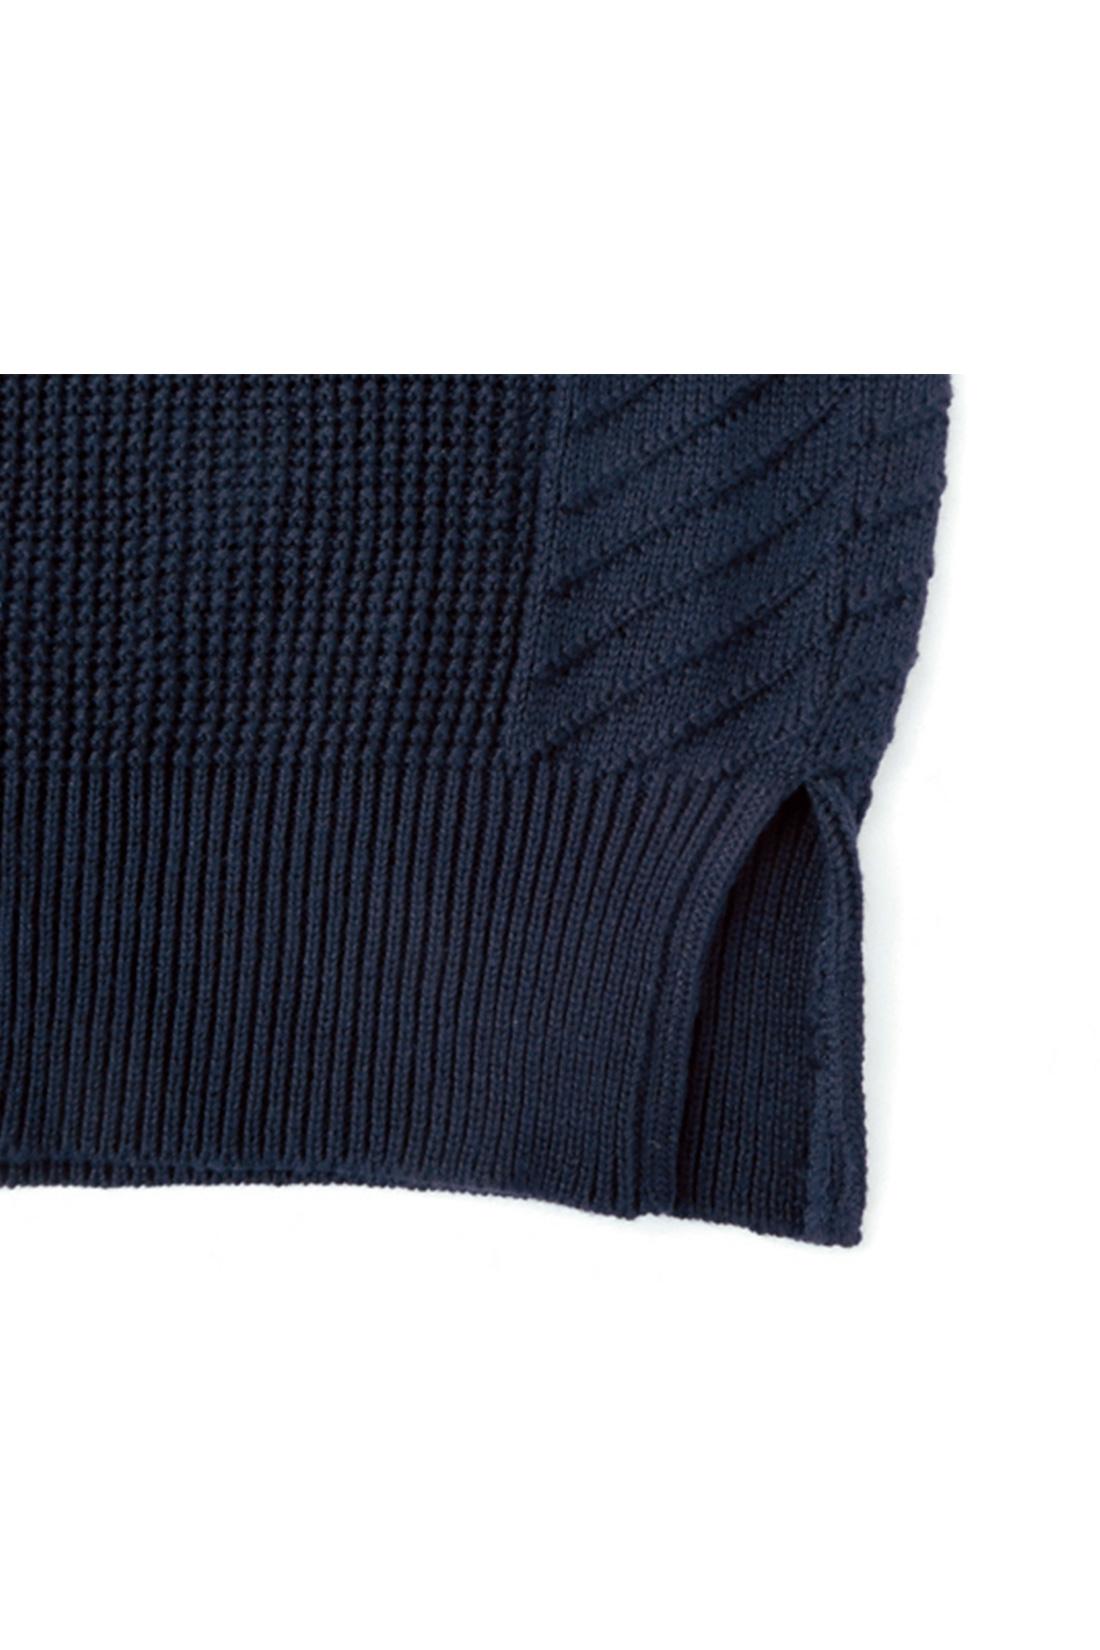 編み模様にご注目。 ※お届けするカラーとは異なります。